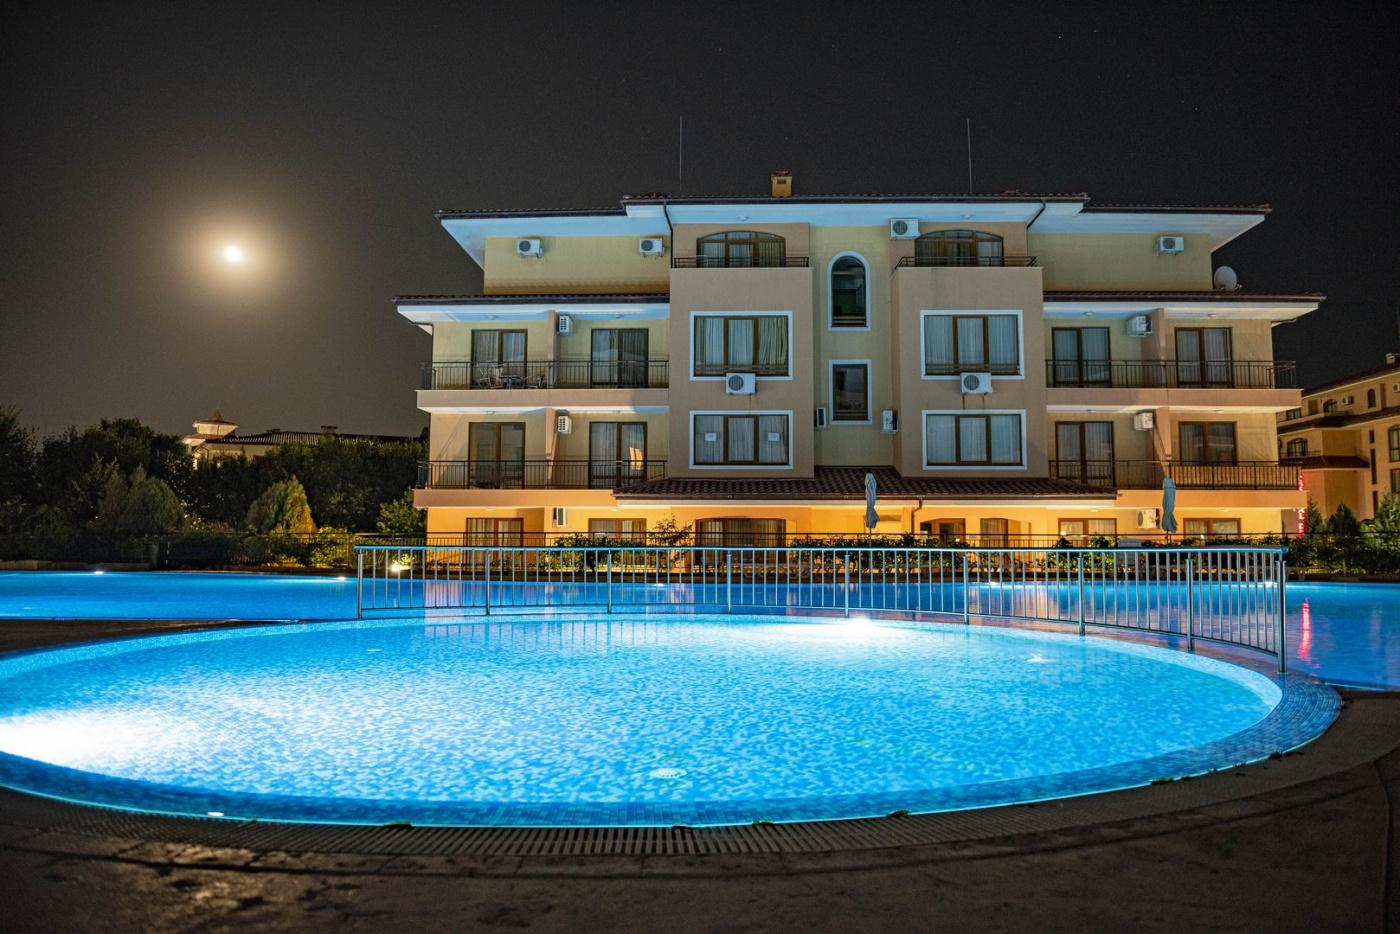 Sky Dreams Апарт-отель